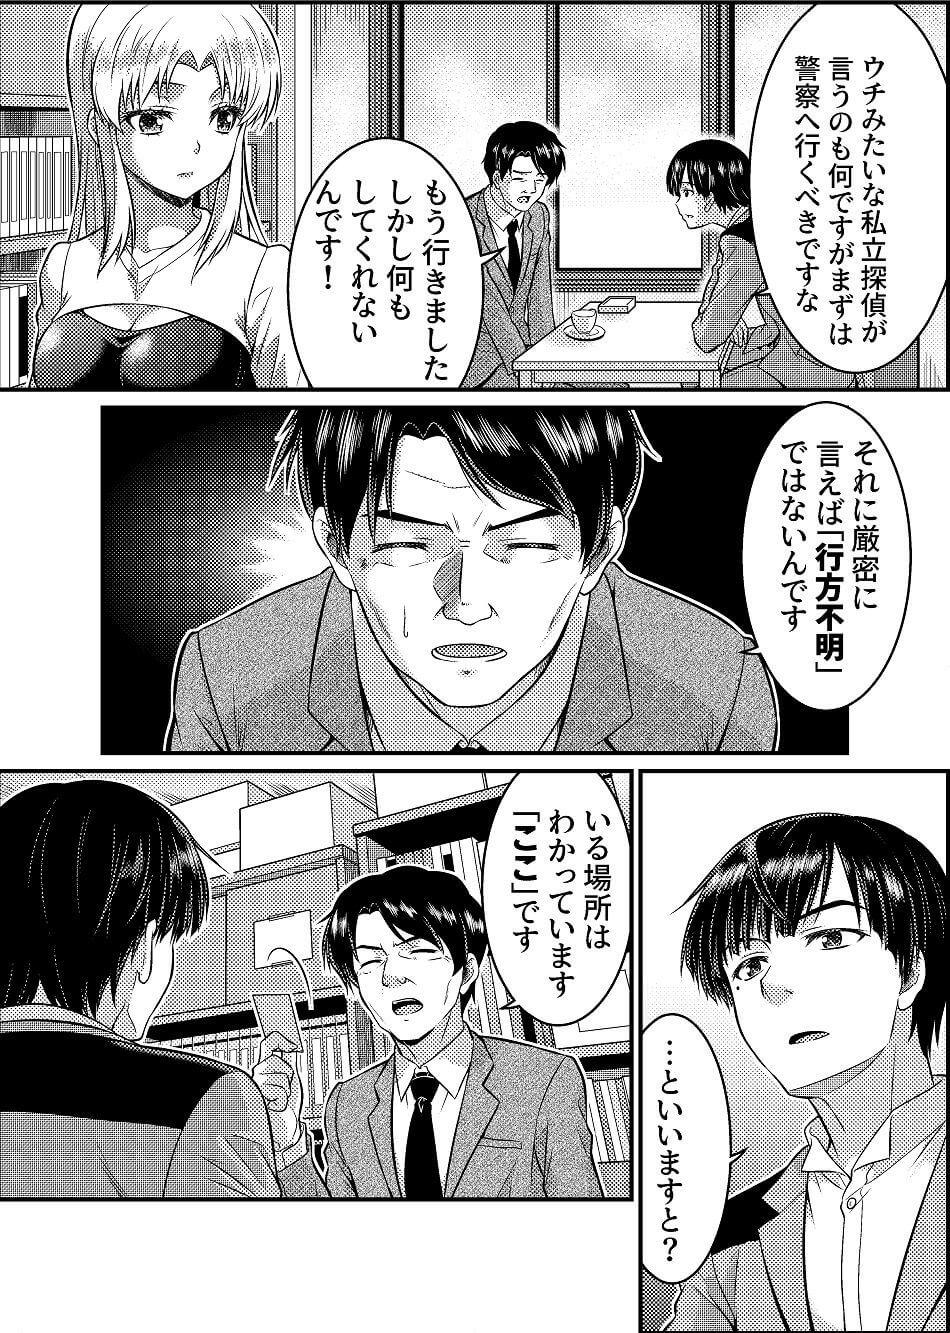 【TS探偵新妻浩美 大学生失踪事件を追え!戦慄のバニーガール】サンプル画像3